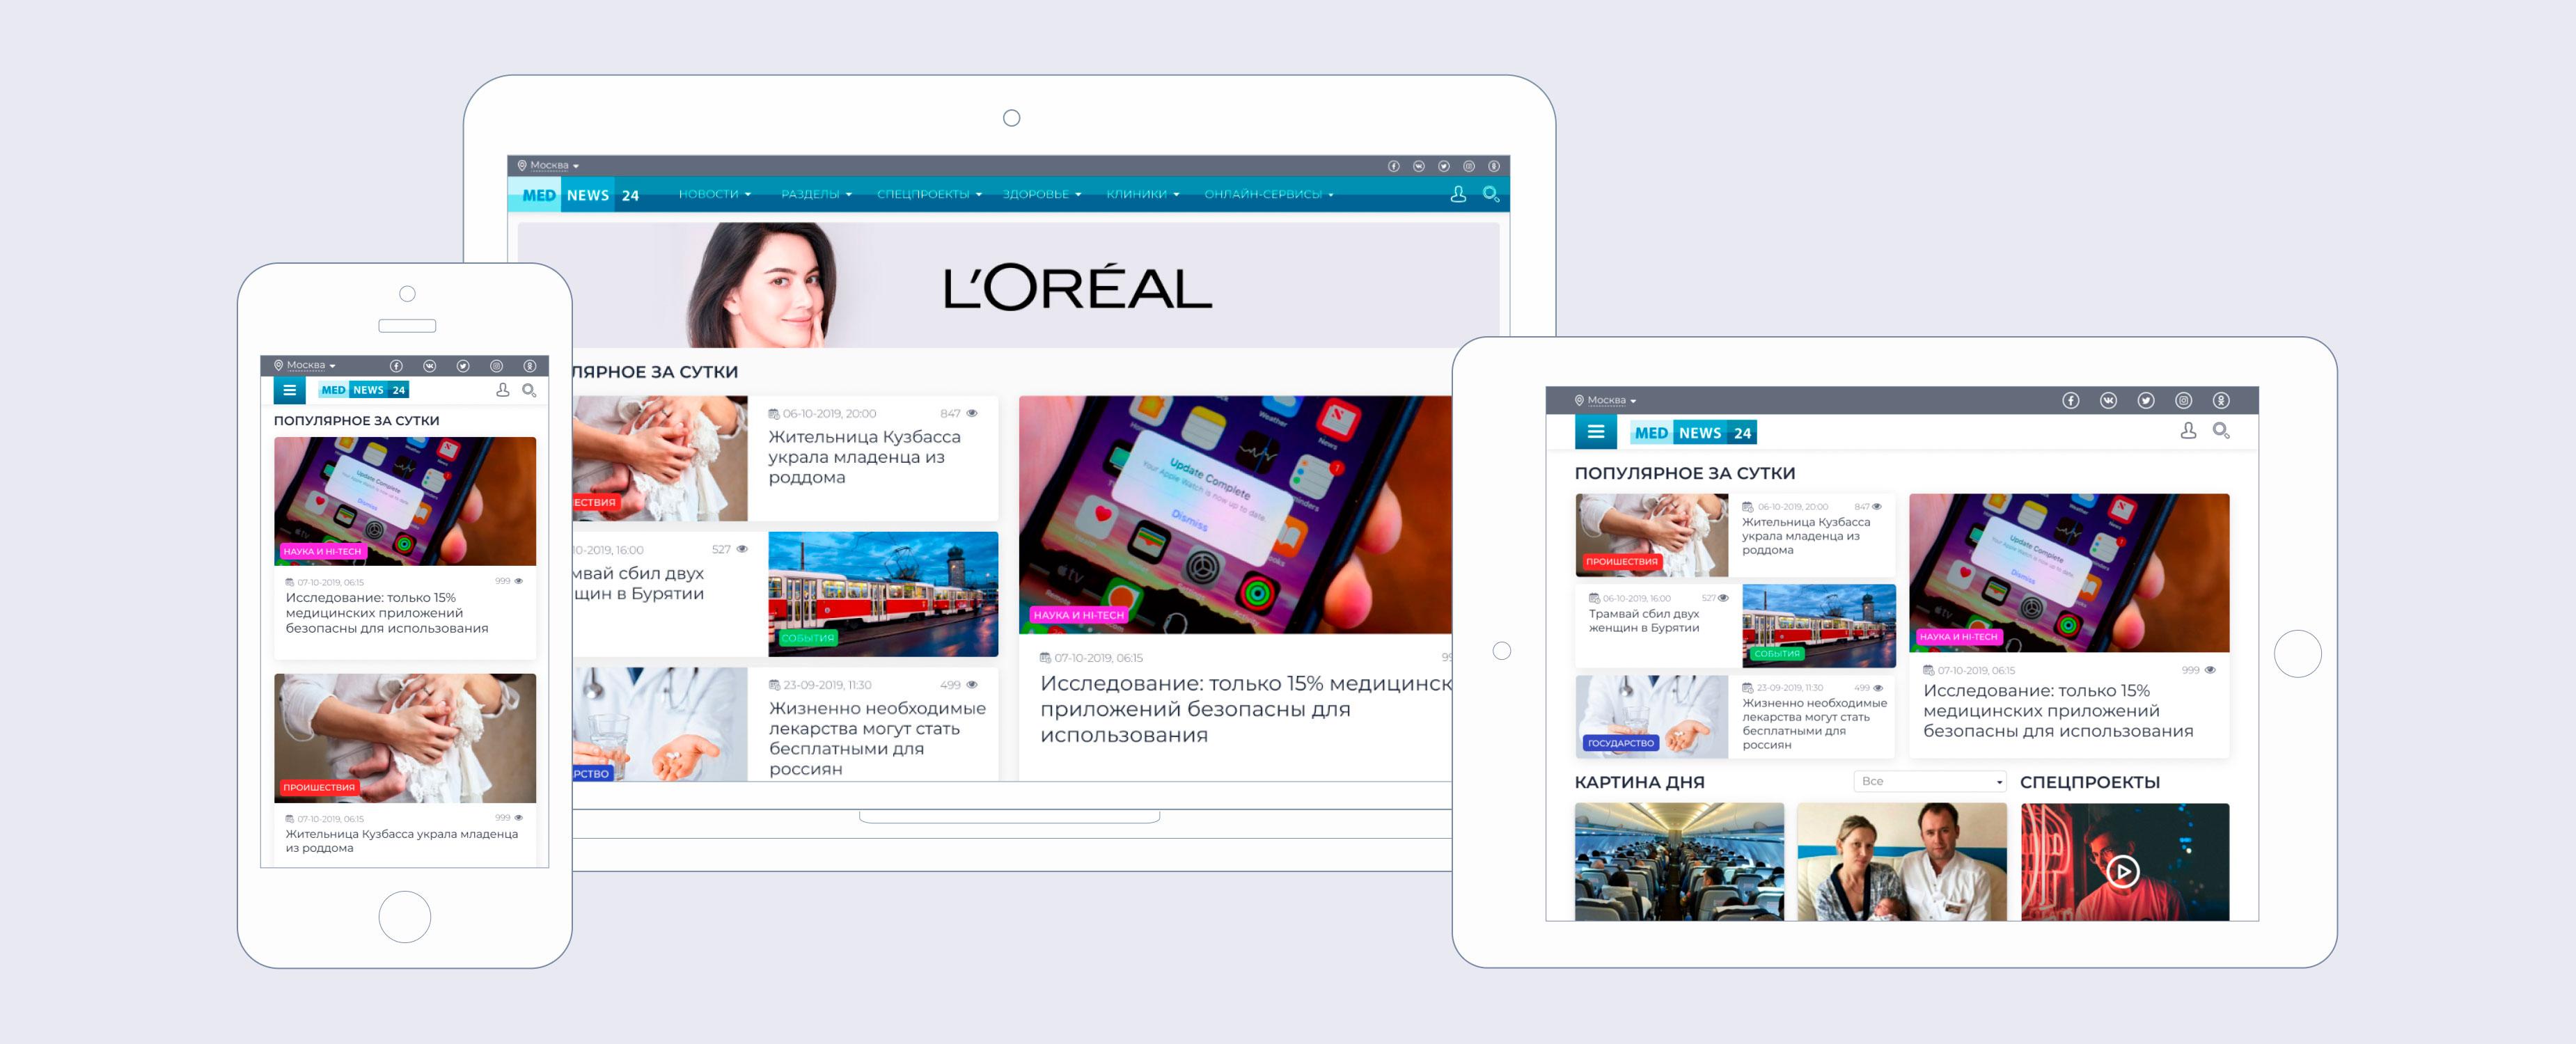 Редизайн главной страницы портала mednews24.ru фото f_1205d9f6cc3b0620.jpg